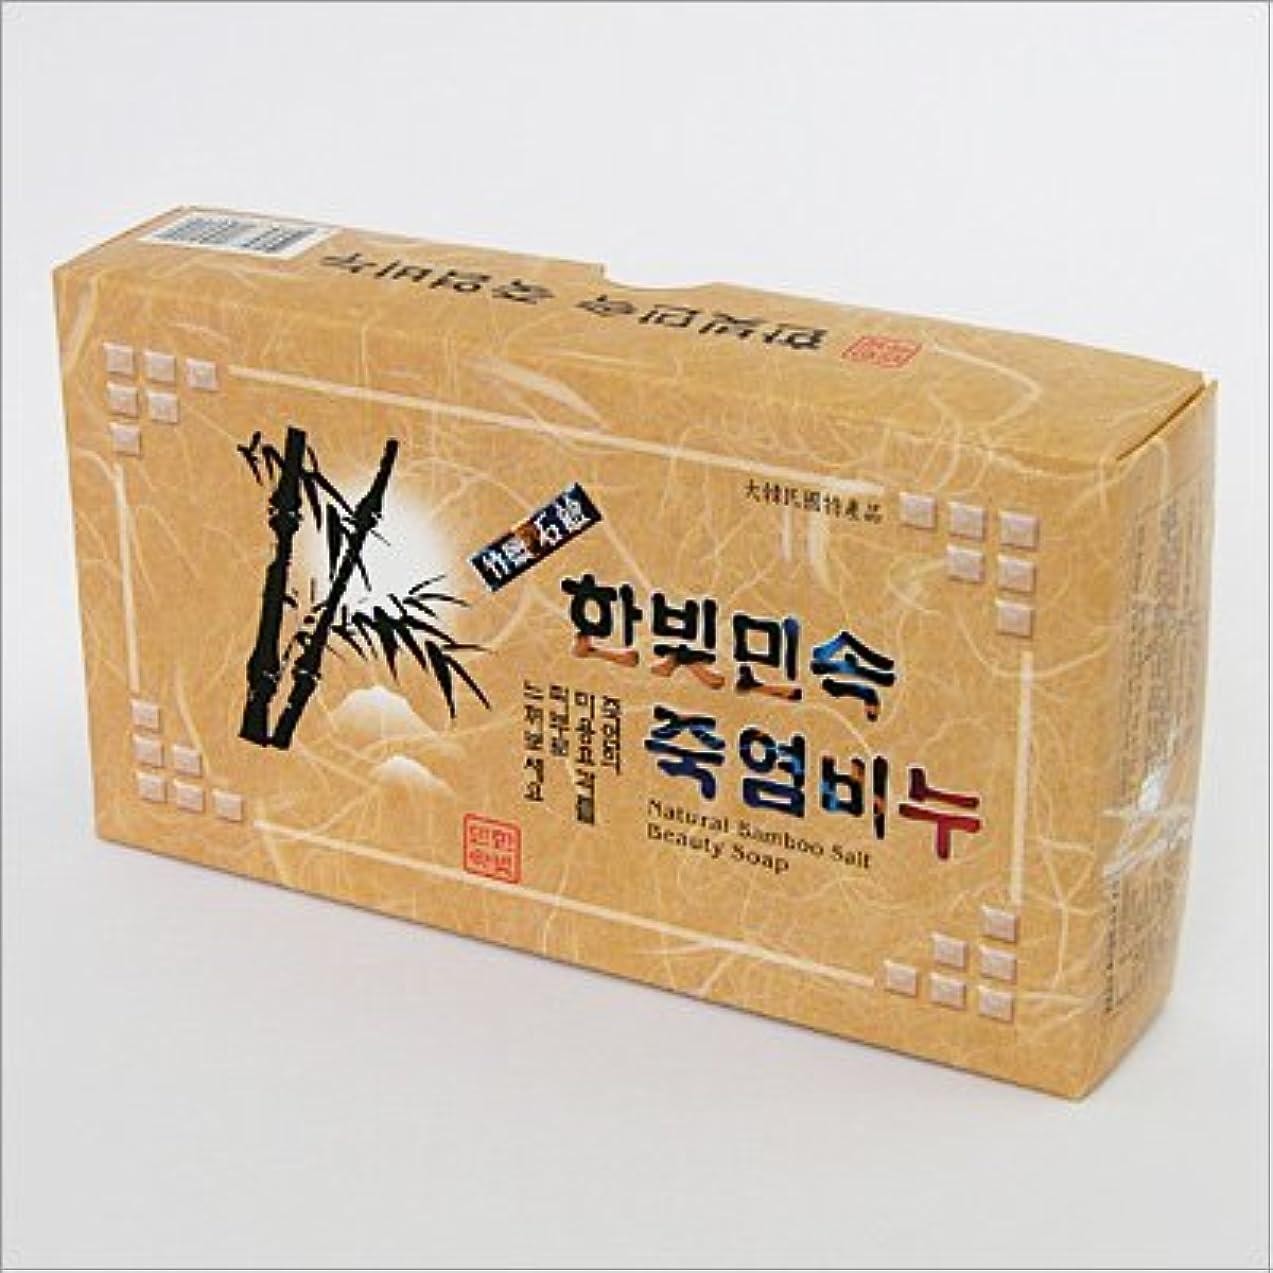 ラボ各擬人化(韓国ブランド) 韓国 竹塩石鹸(3個セット)